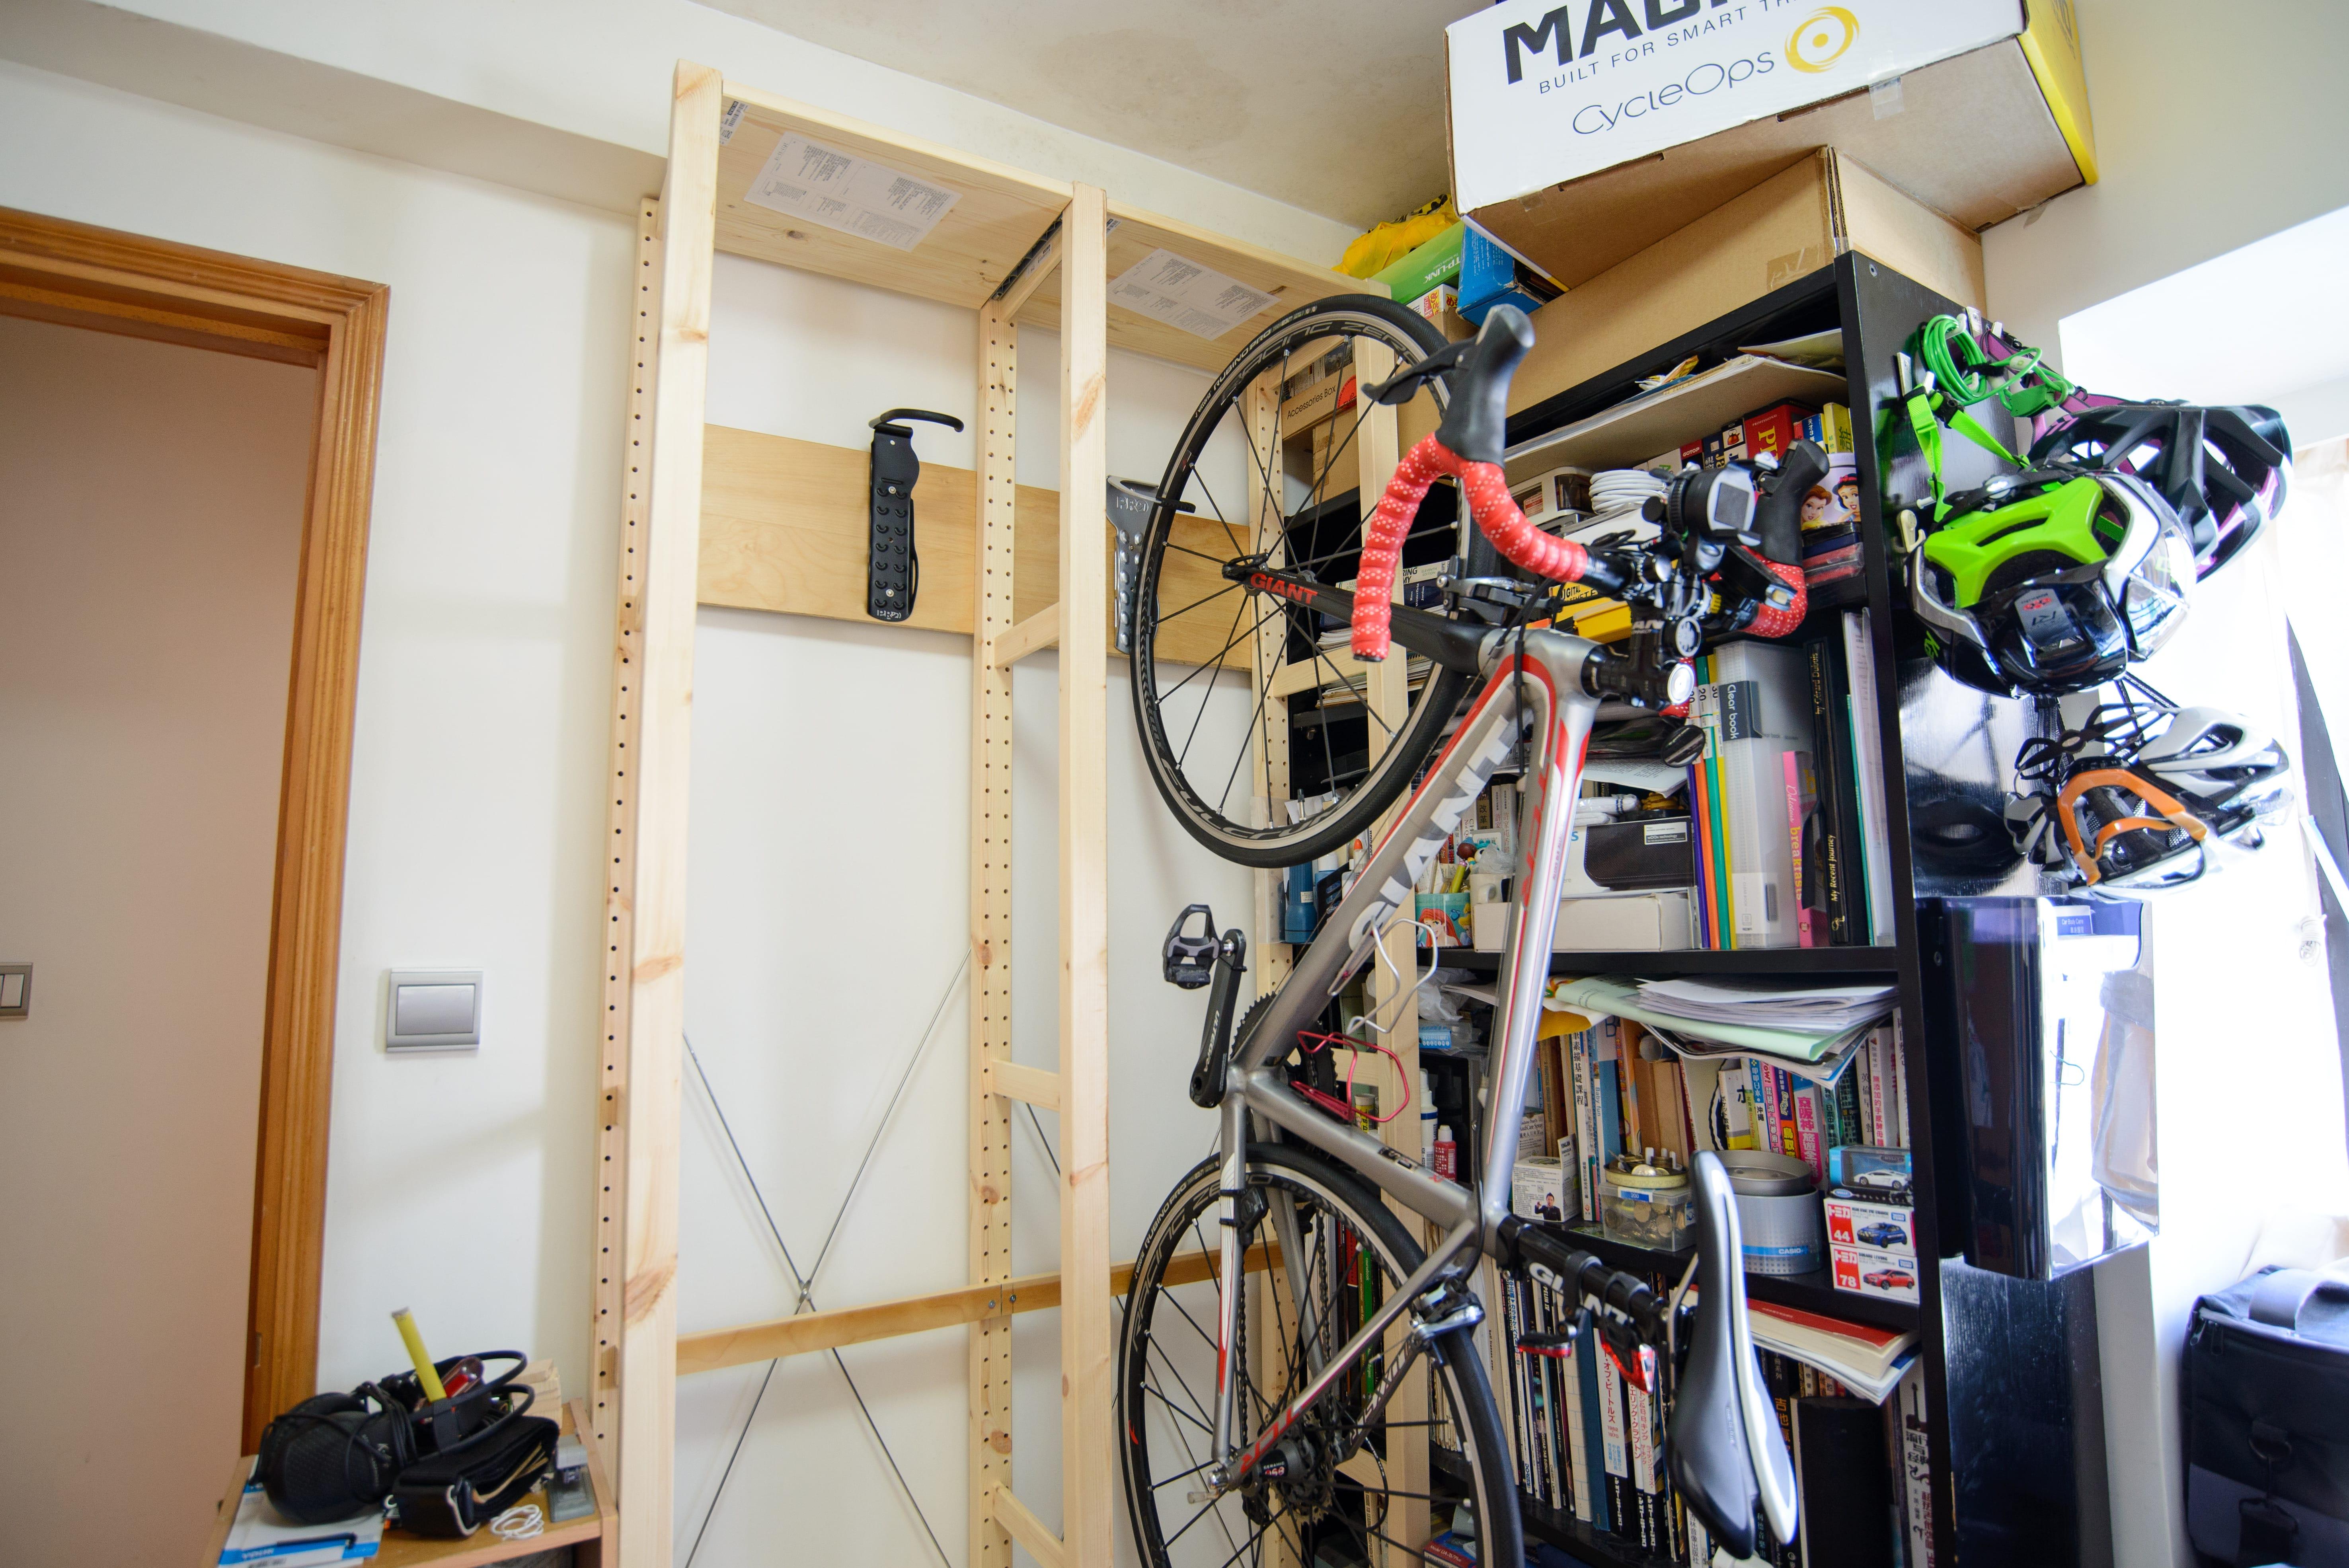 DIY Bike Rack ready with one Road Bike